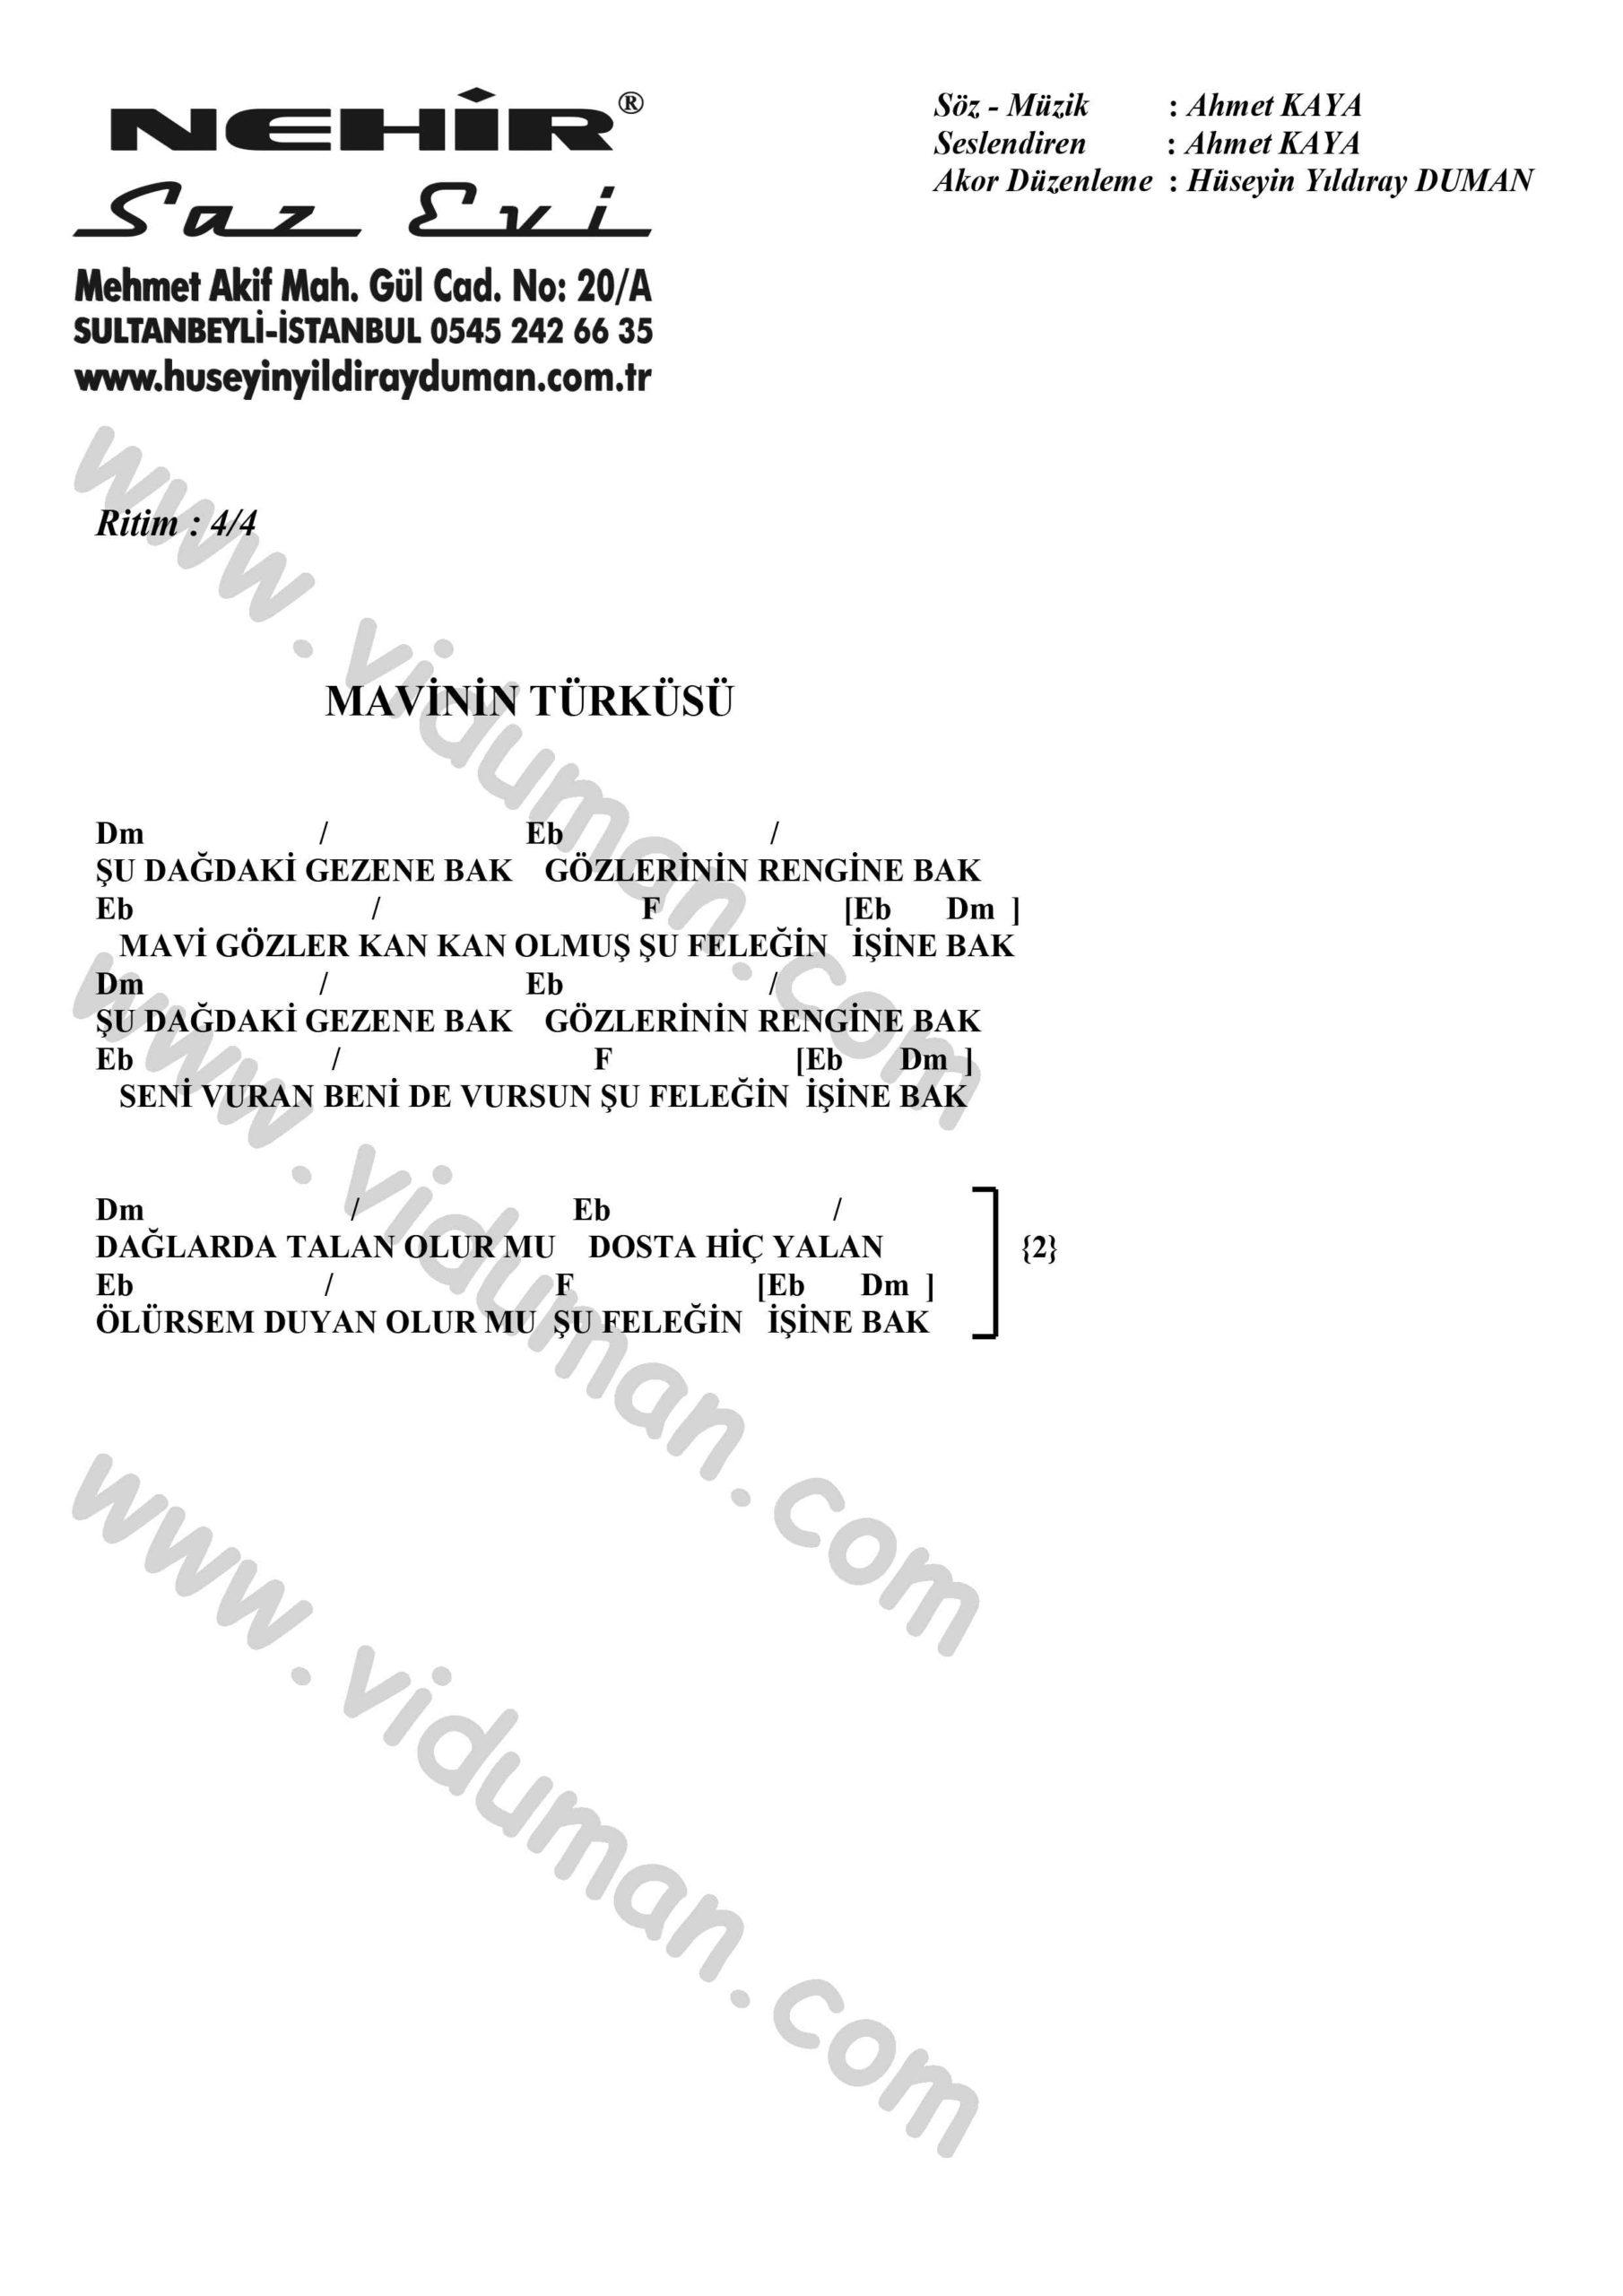 Mavinin Turkusu-Ahmet Kaya-Ritim-Gitar-Akorlari